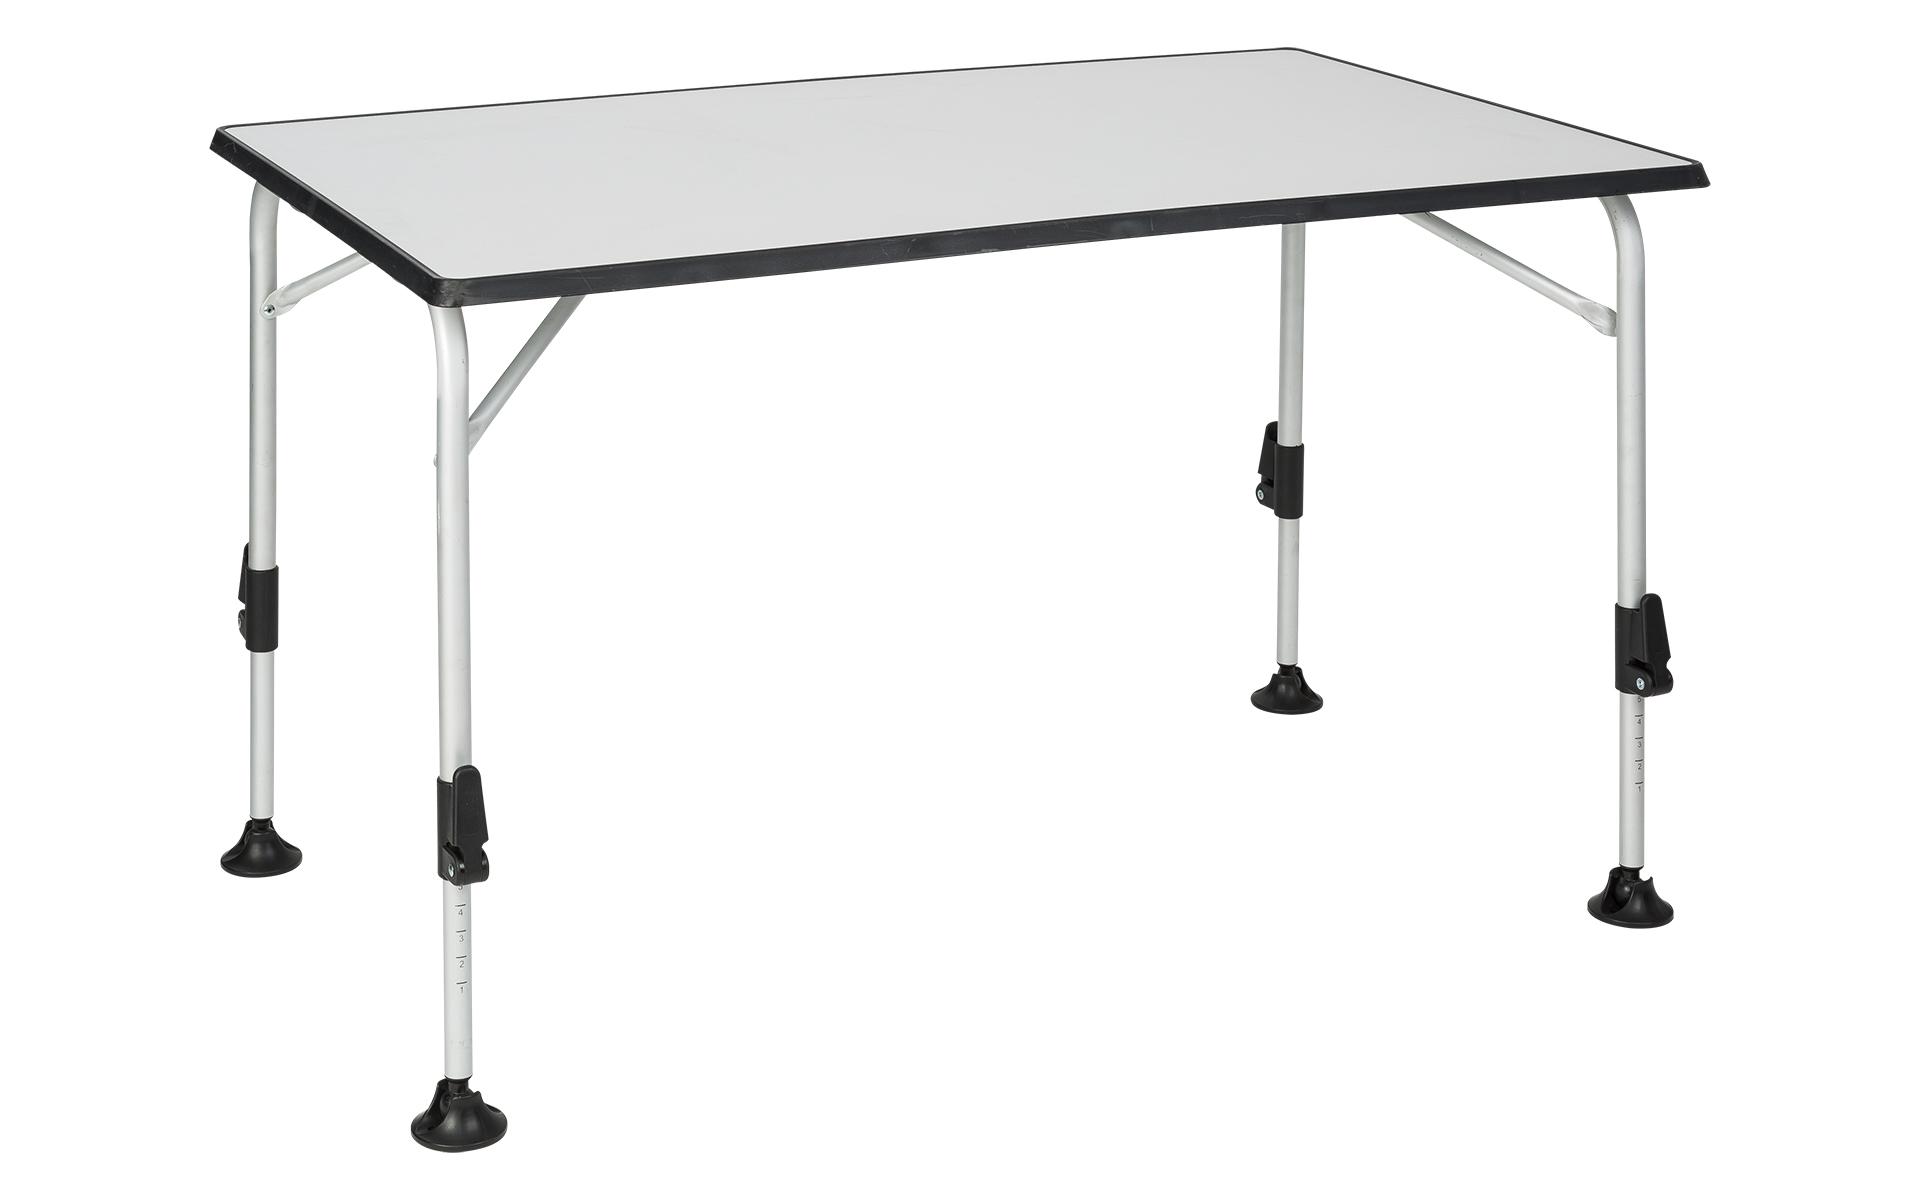 berger tisch ivalo alu campingtisch balkontisch h henverstellbar klapptisch grau ebay. Black Bedroom Furniture Sets. Home Design Ideas